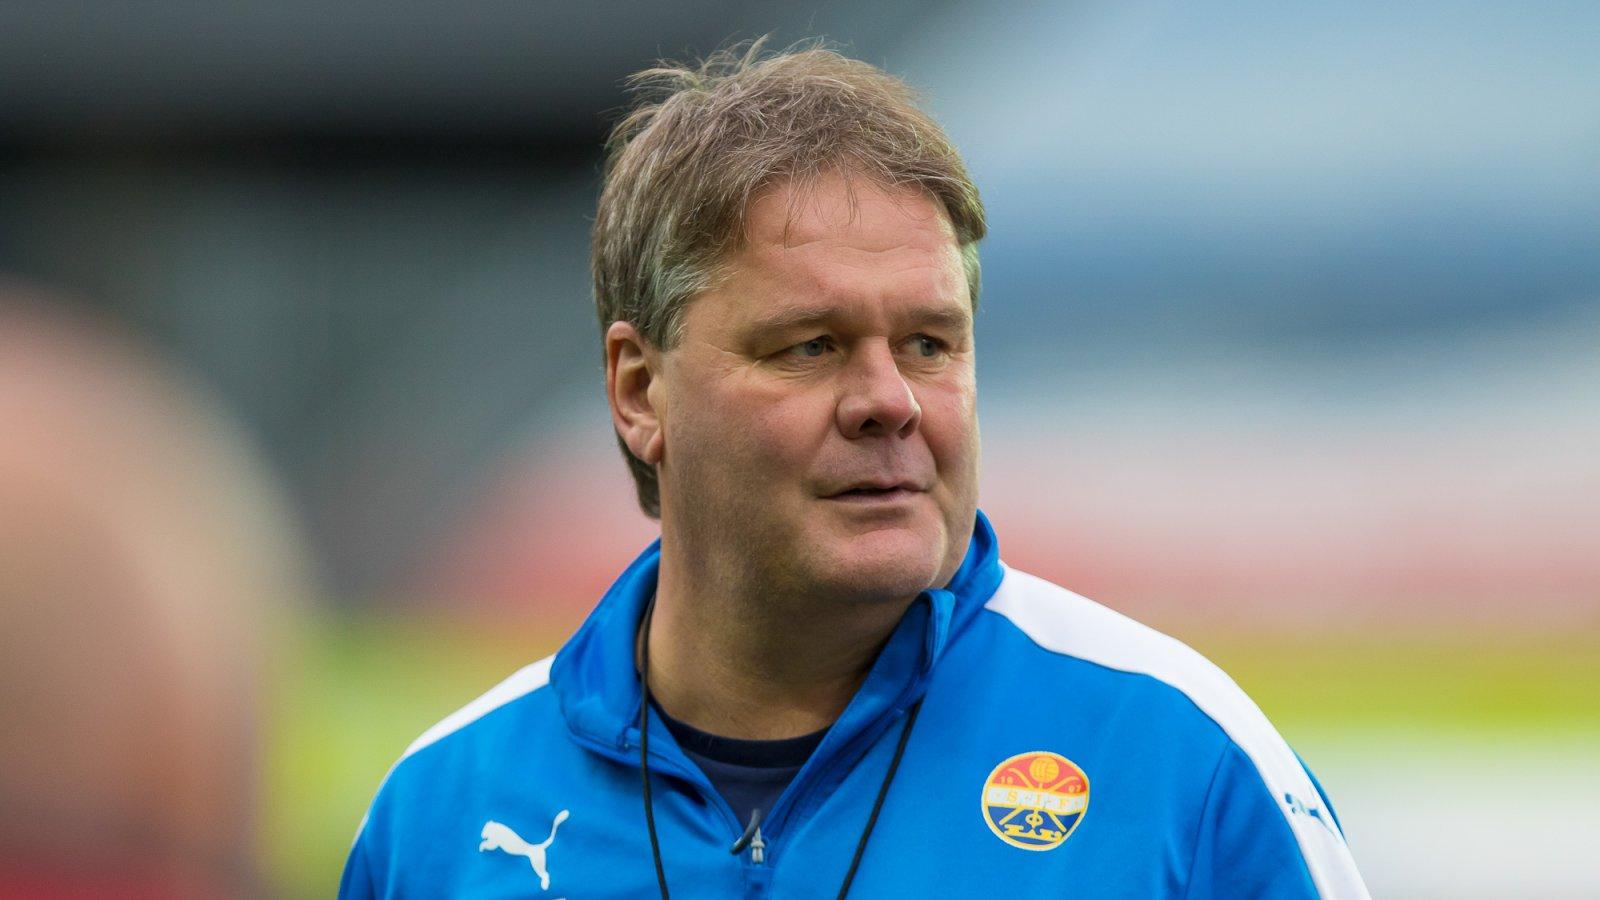 Bjørn Petter Ingebretsen BP